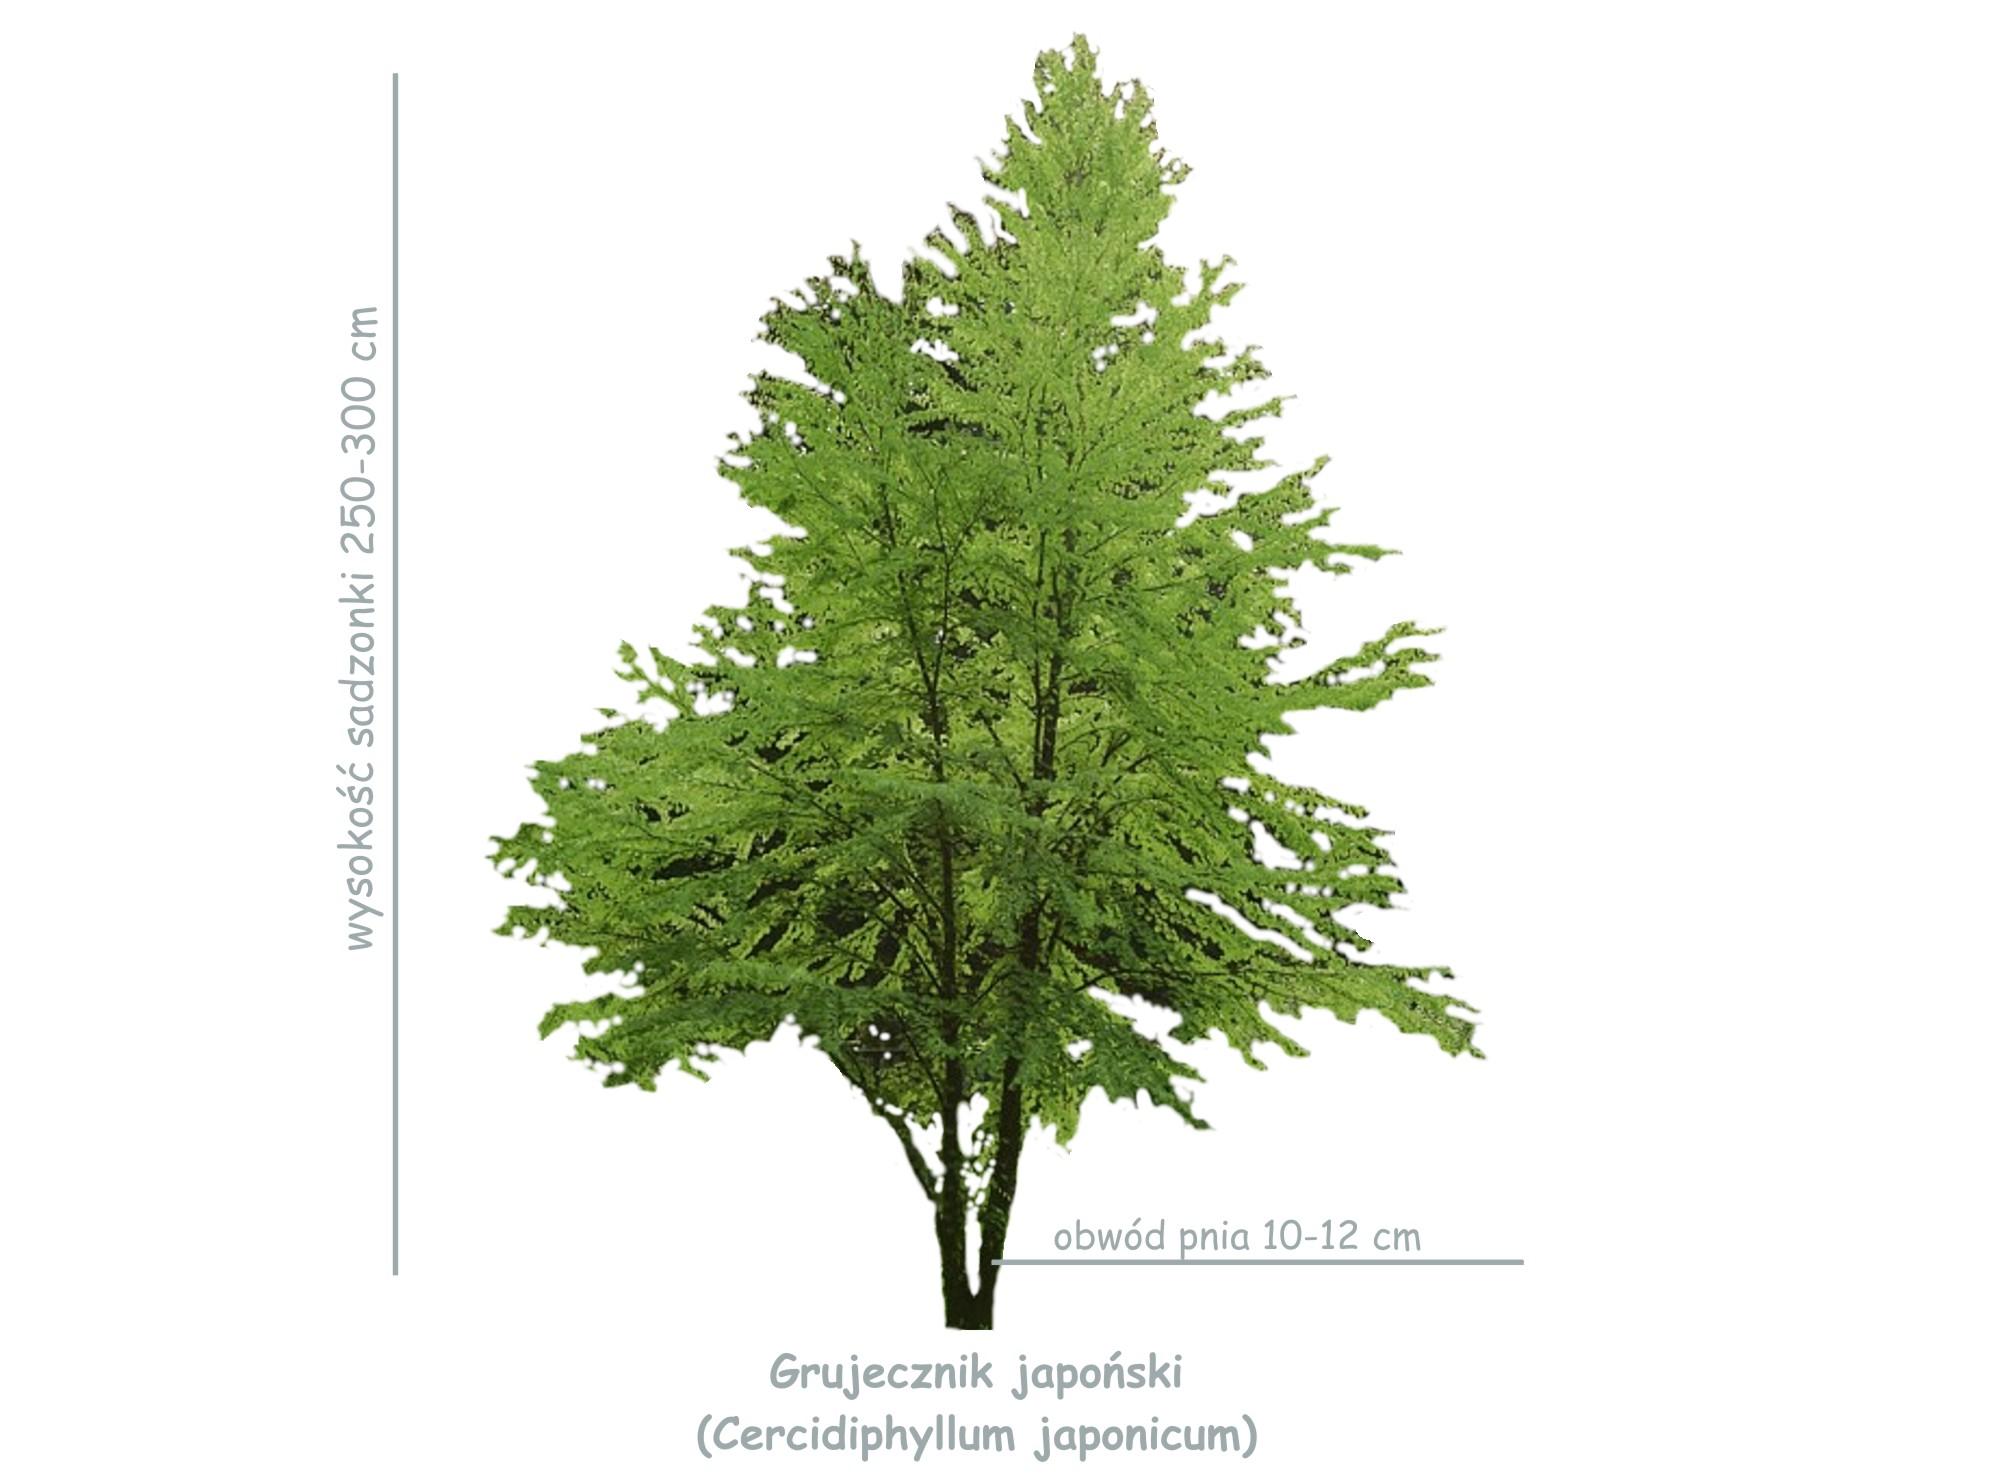 Grujecznik japońska (Cercidiphyllum japonicum) sadzonka o obwodzie 10-12 cm